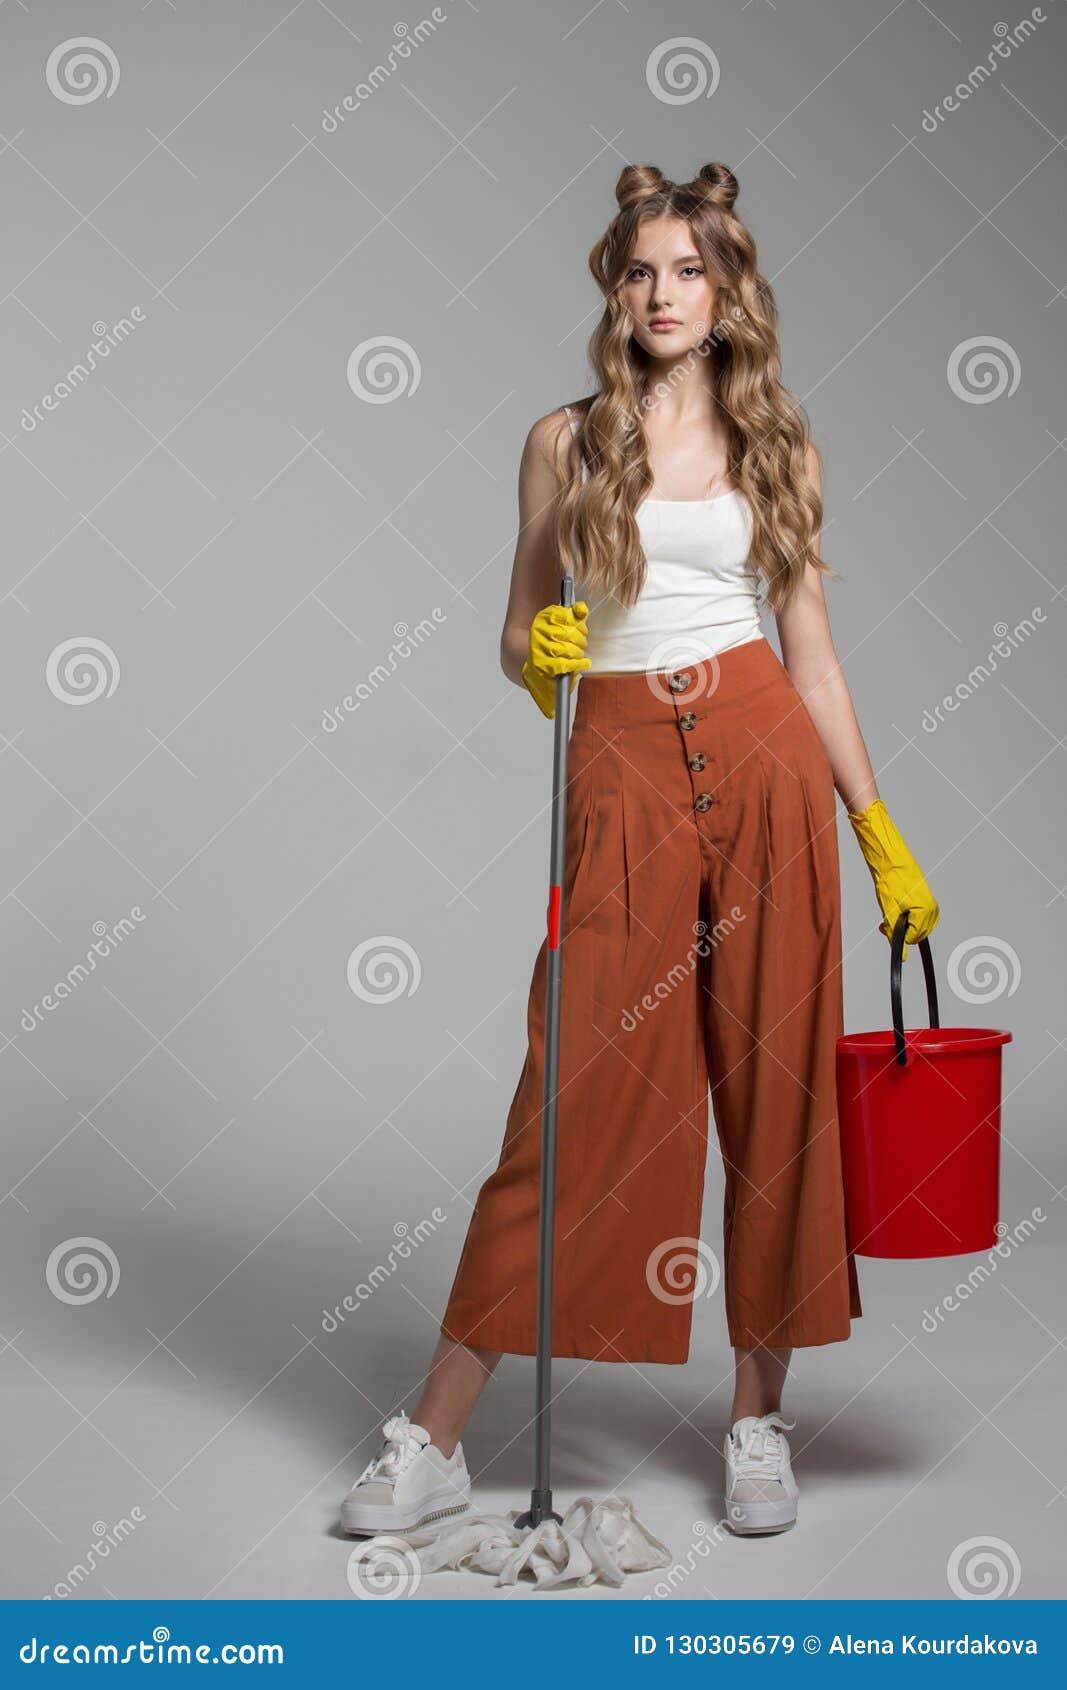 La mujer de moda con el pelo largo sostiene a disposición un cubo rojo